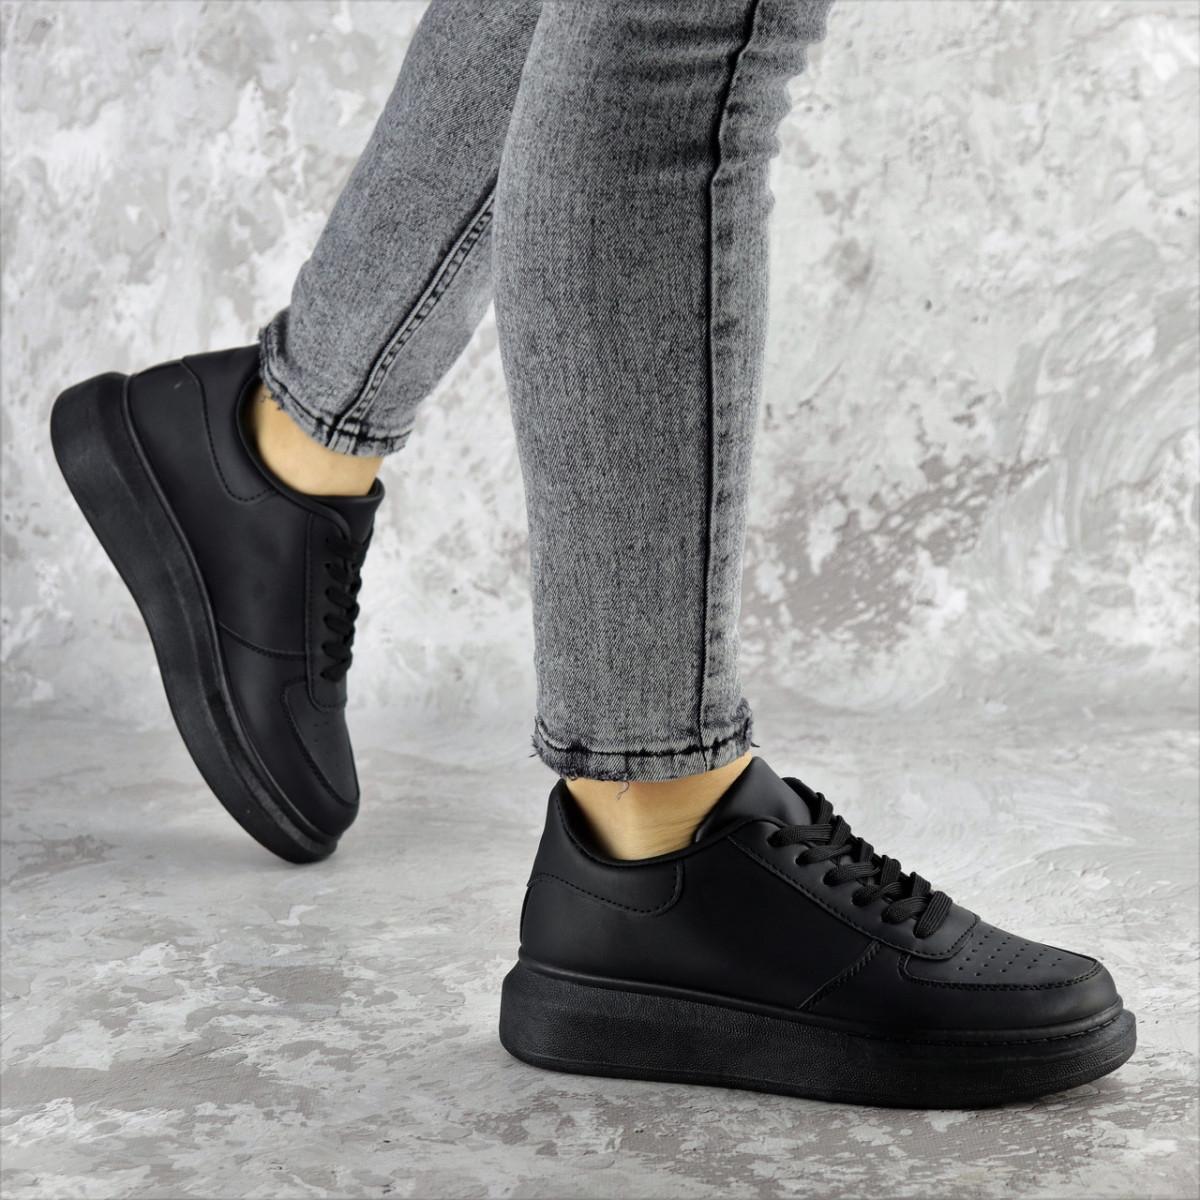 Кроссовки женские Fashion Modlaun 2384 36 размер 23,5 см Черный